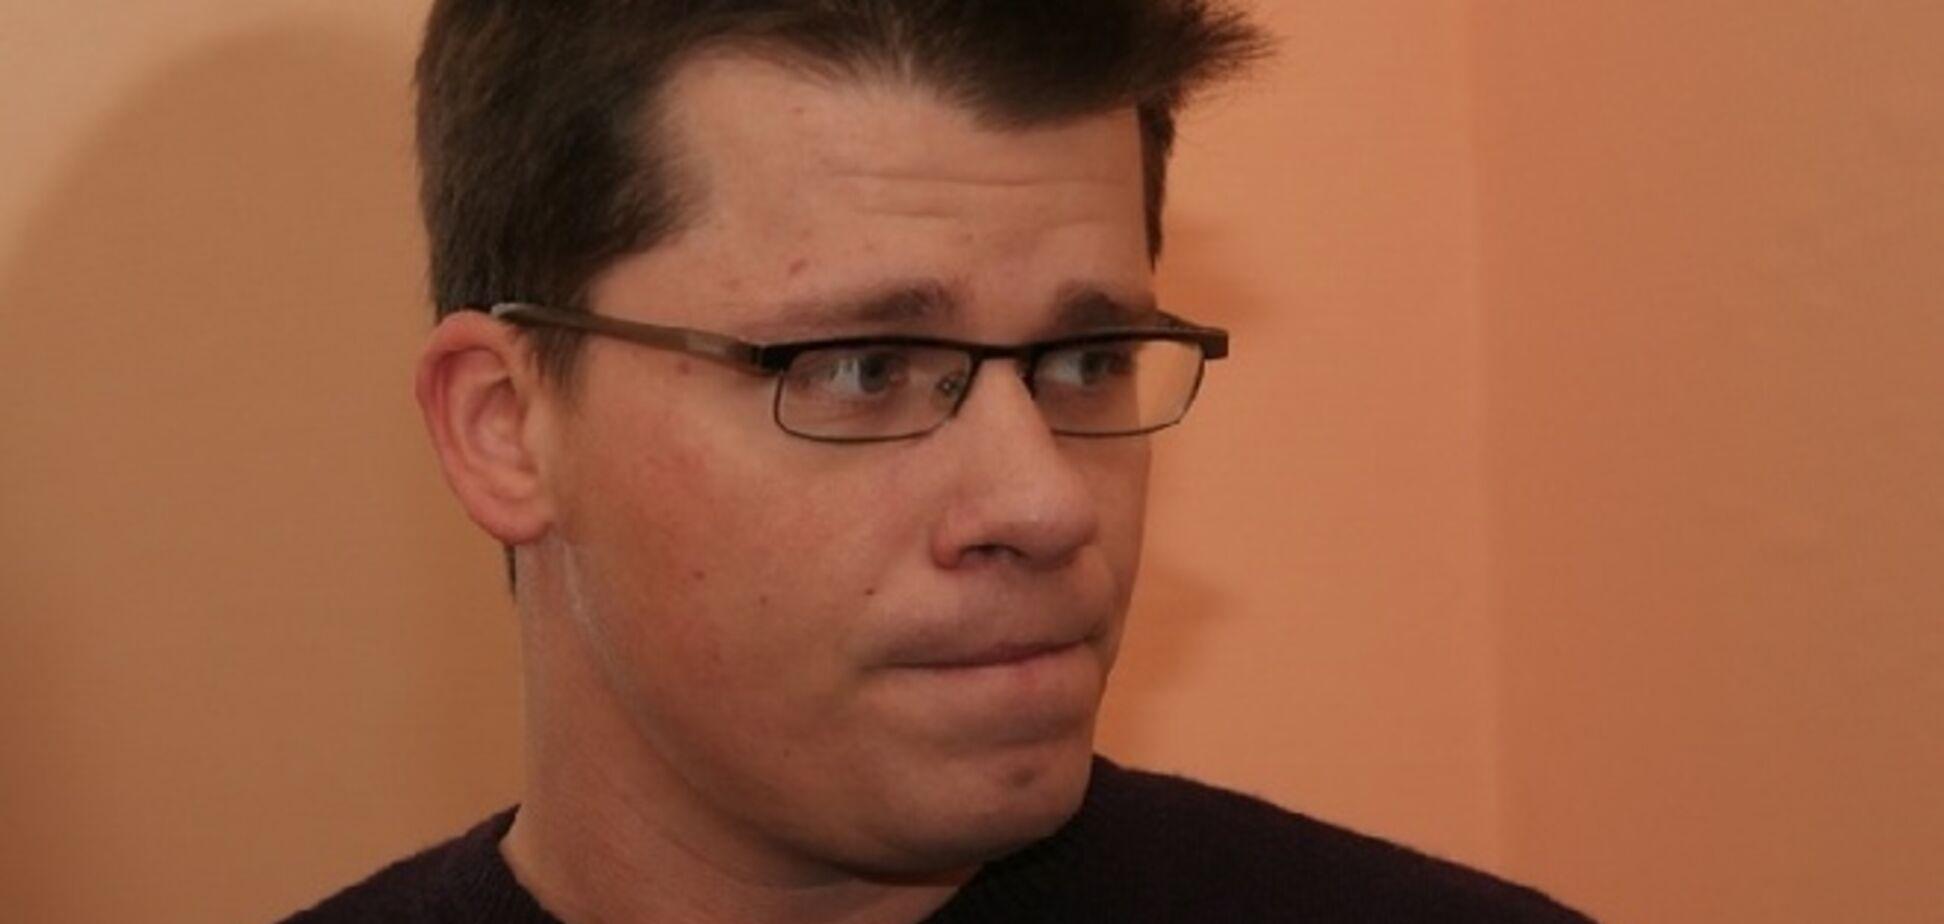 Гарик Харламов просит не убивать мирных жителей в Донецке